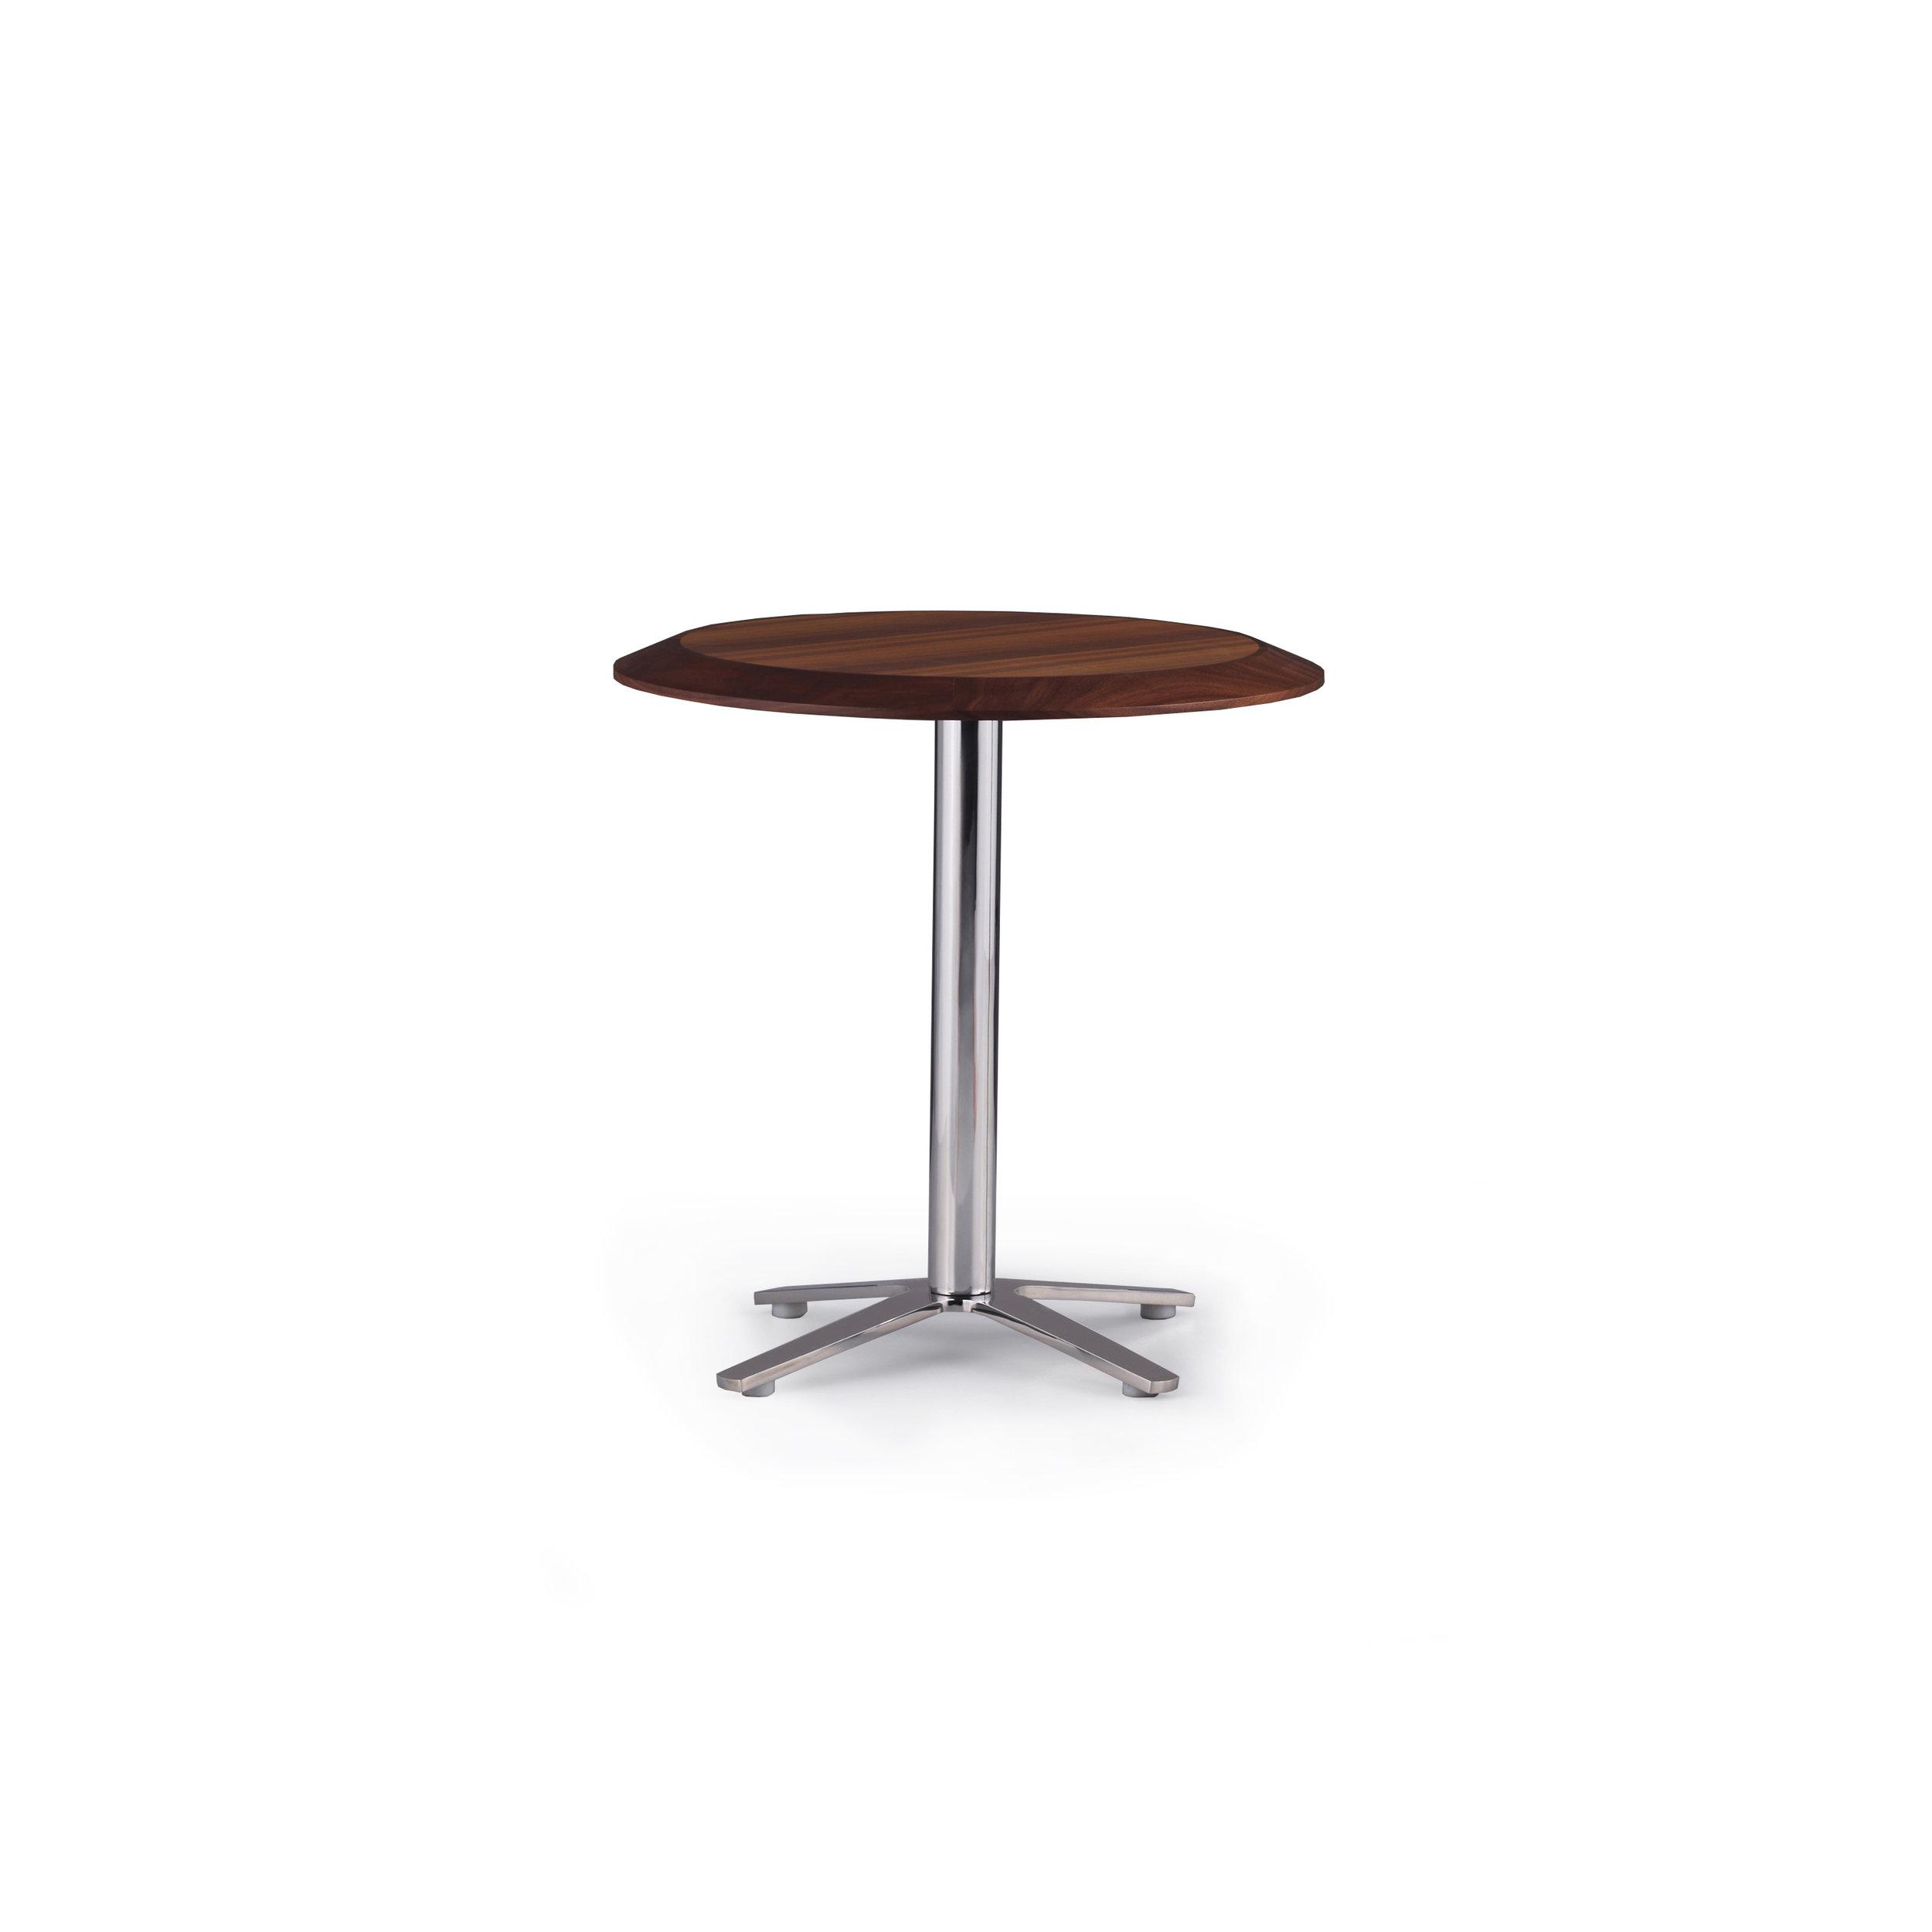 Clover_Table-2_high_wood_.jpg